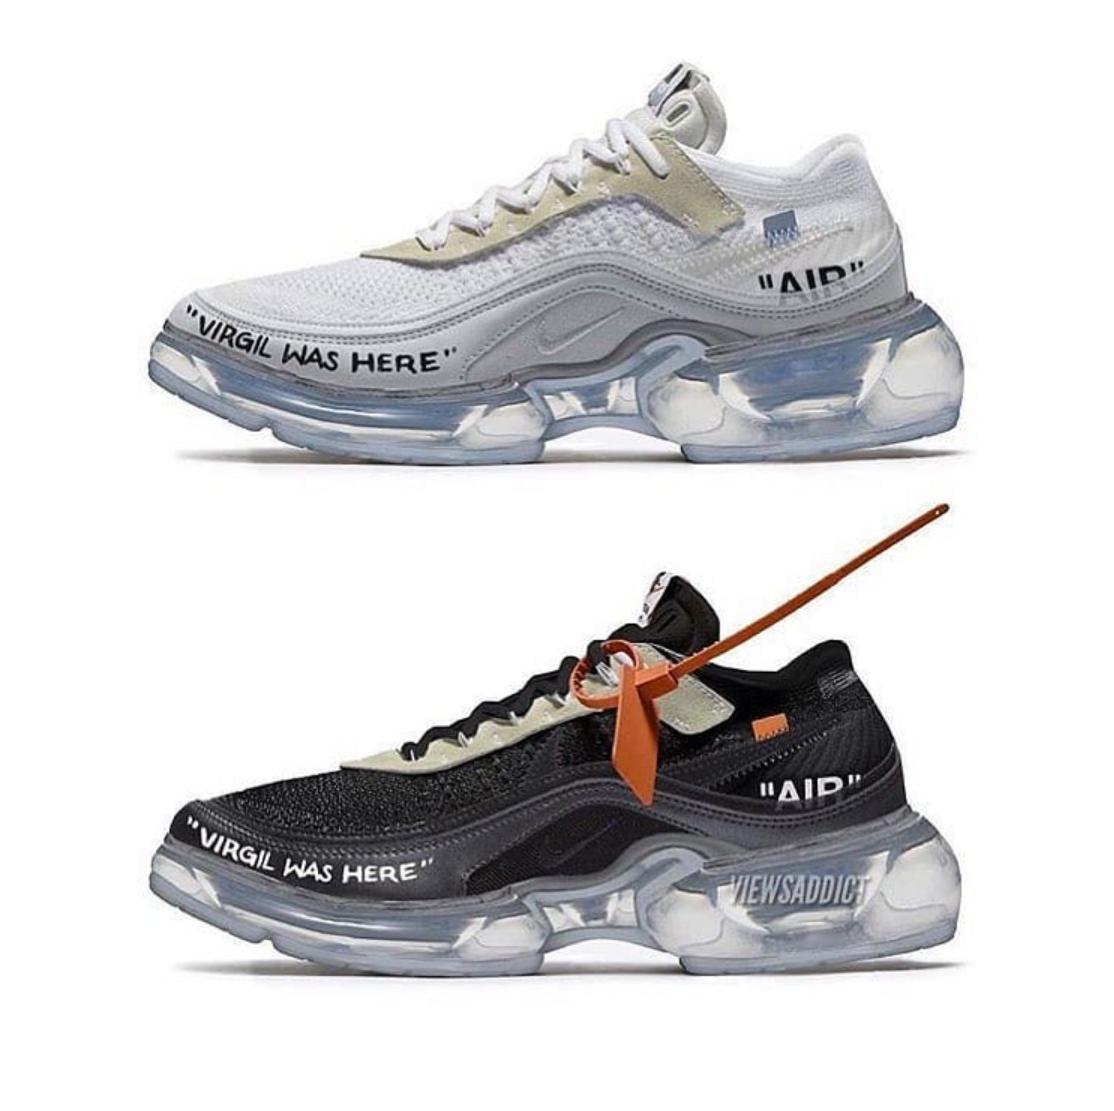 Air Force 1 Nike Air Max 97 Air Jordan Off White, PNG